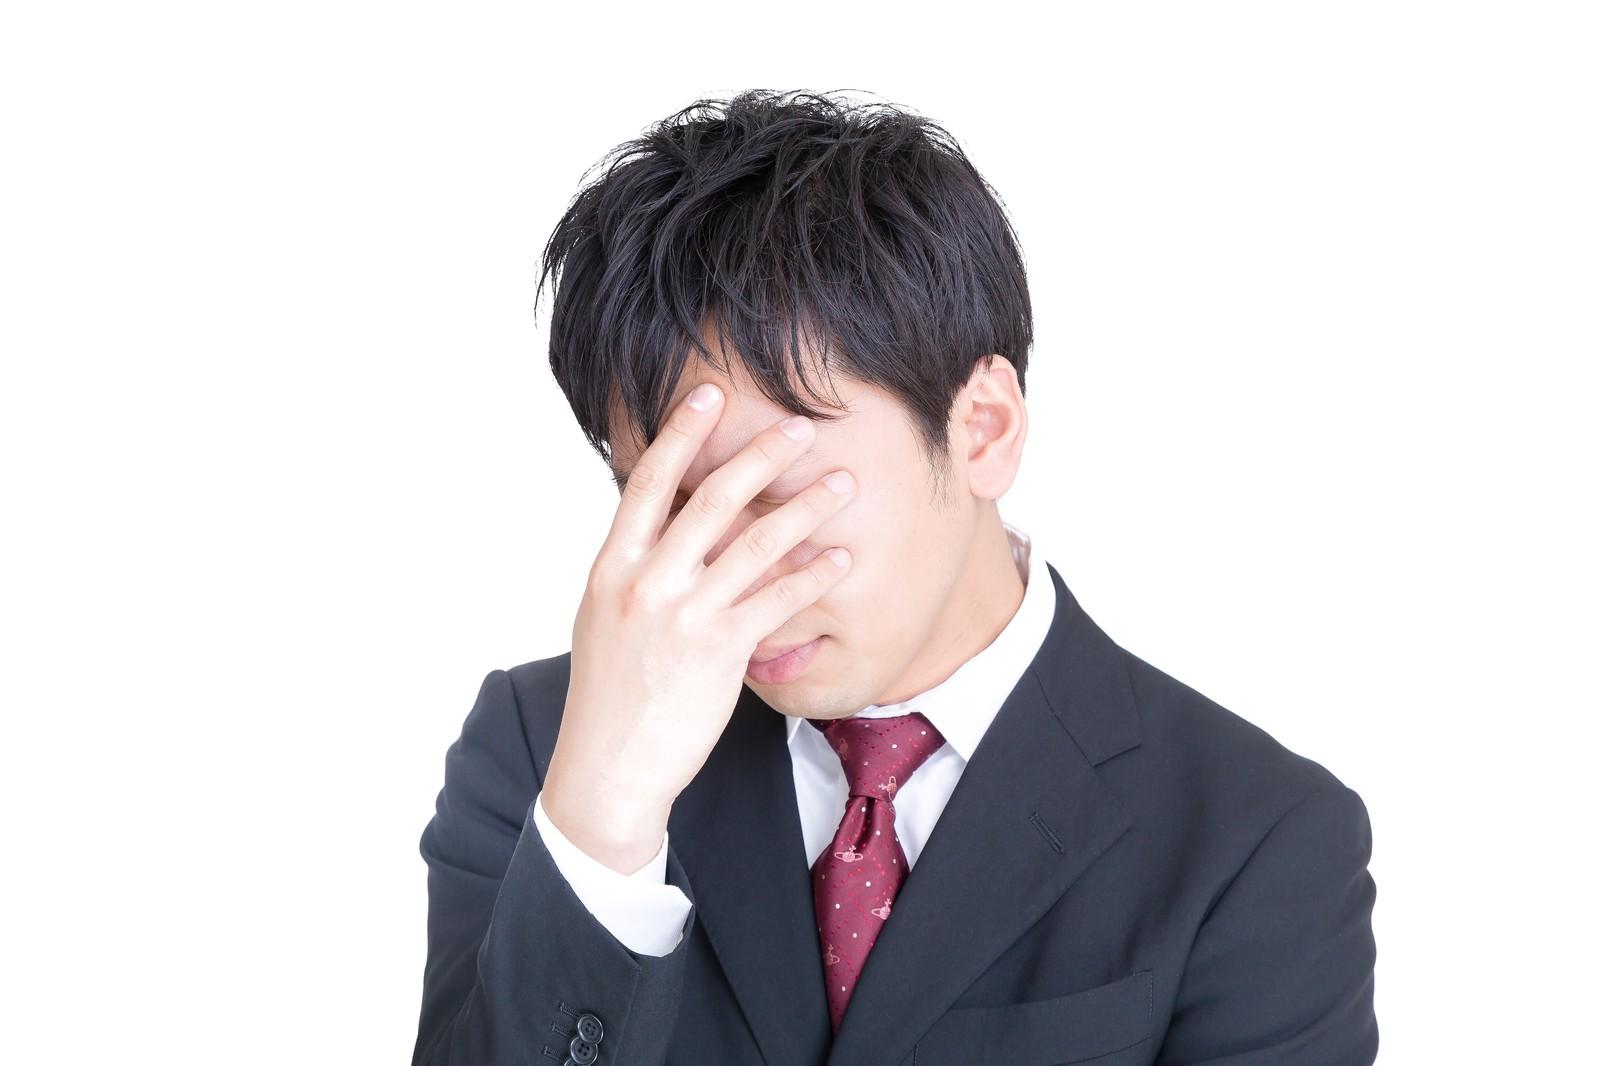 【3分で読むアドラー心理学】仕事の不安を消す方法